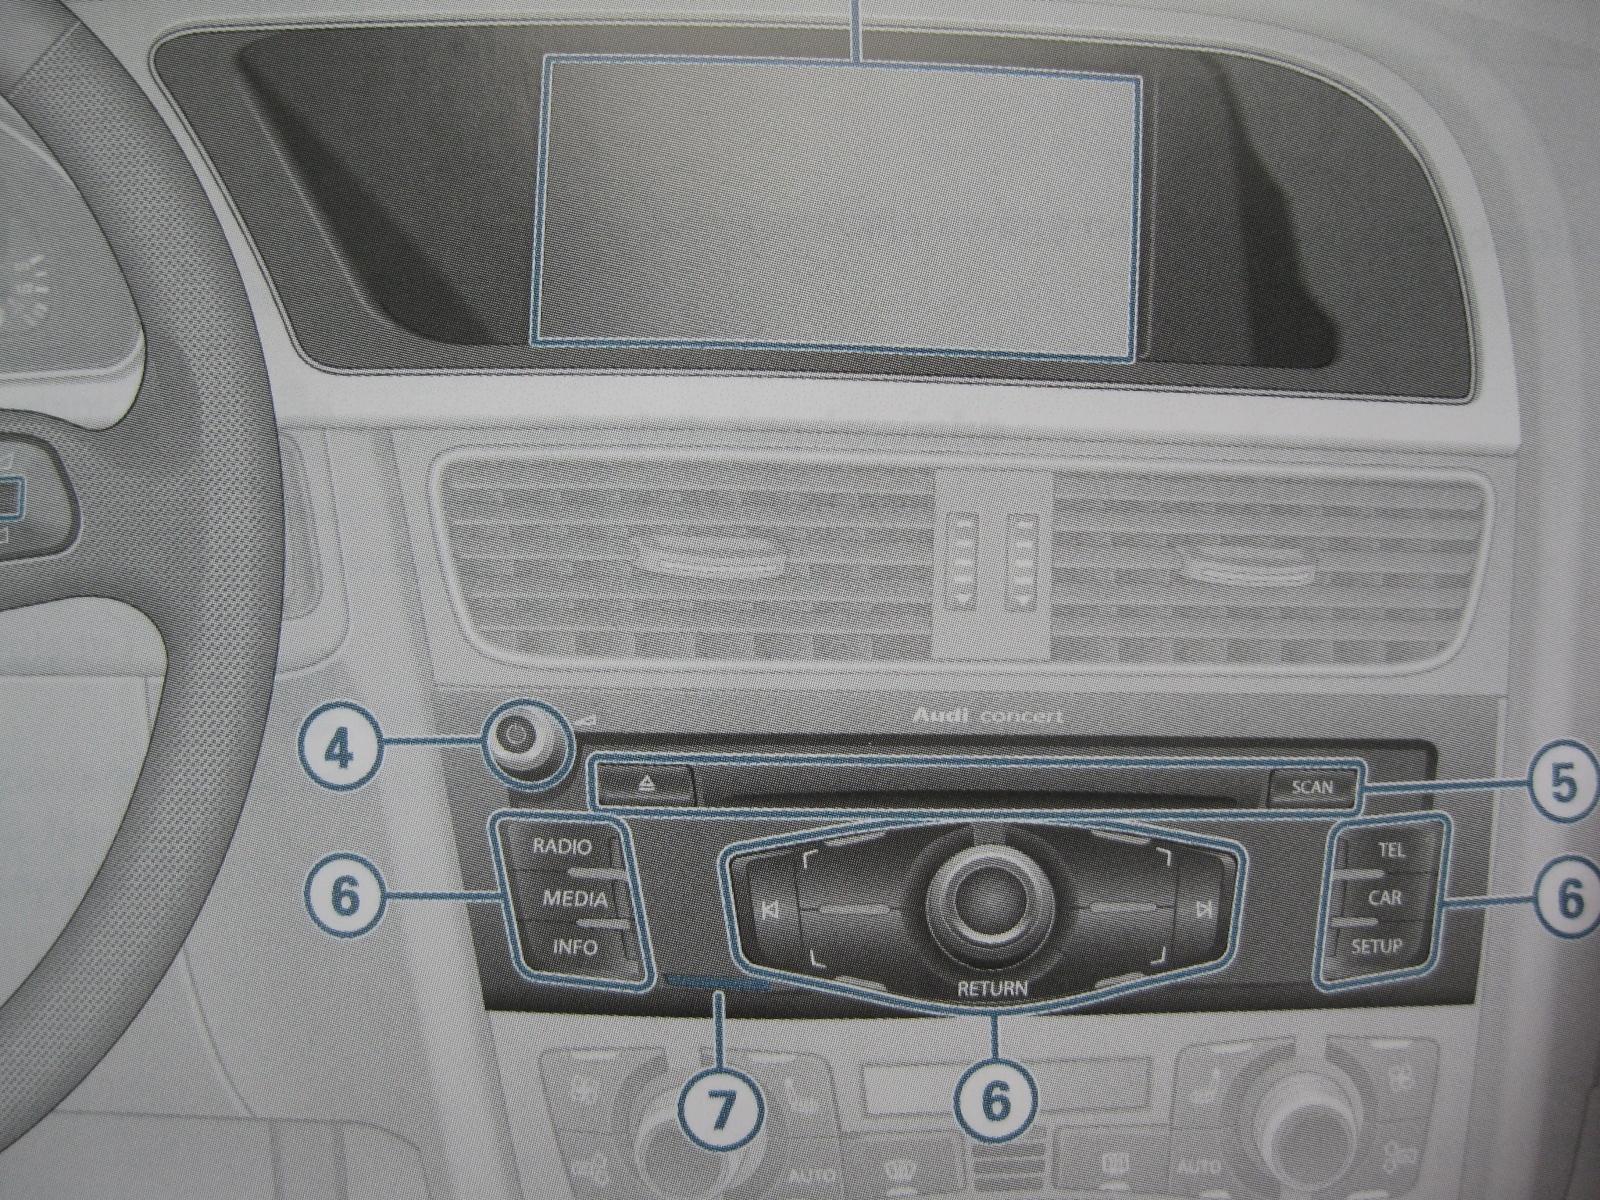 Audi A4 B8 instrukcja radia Concert Audi A5 Q5 PL